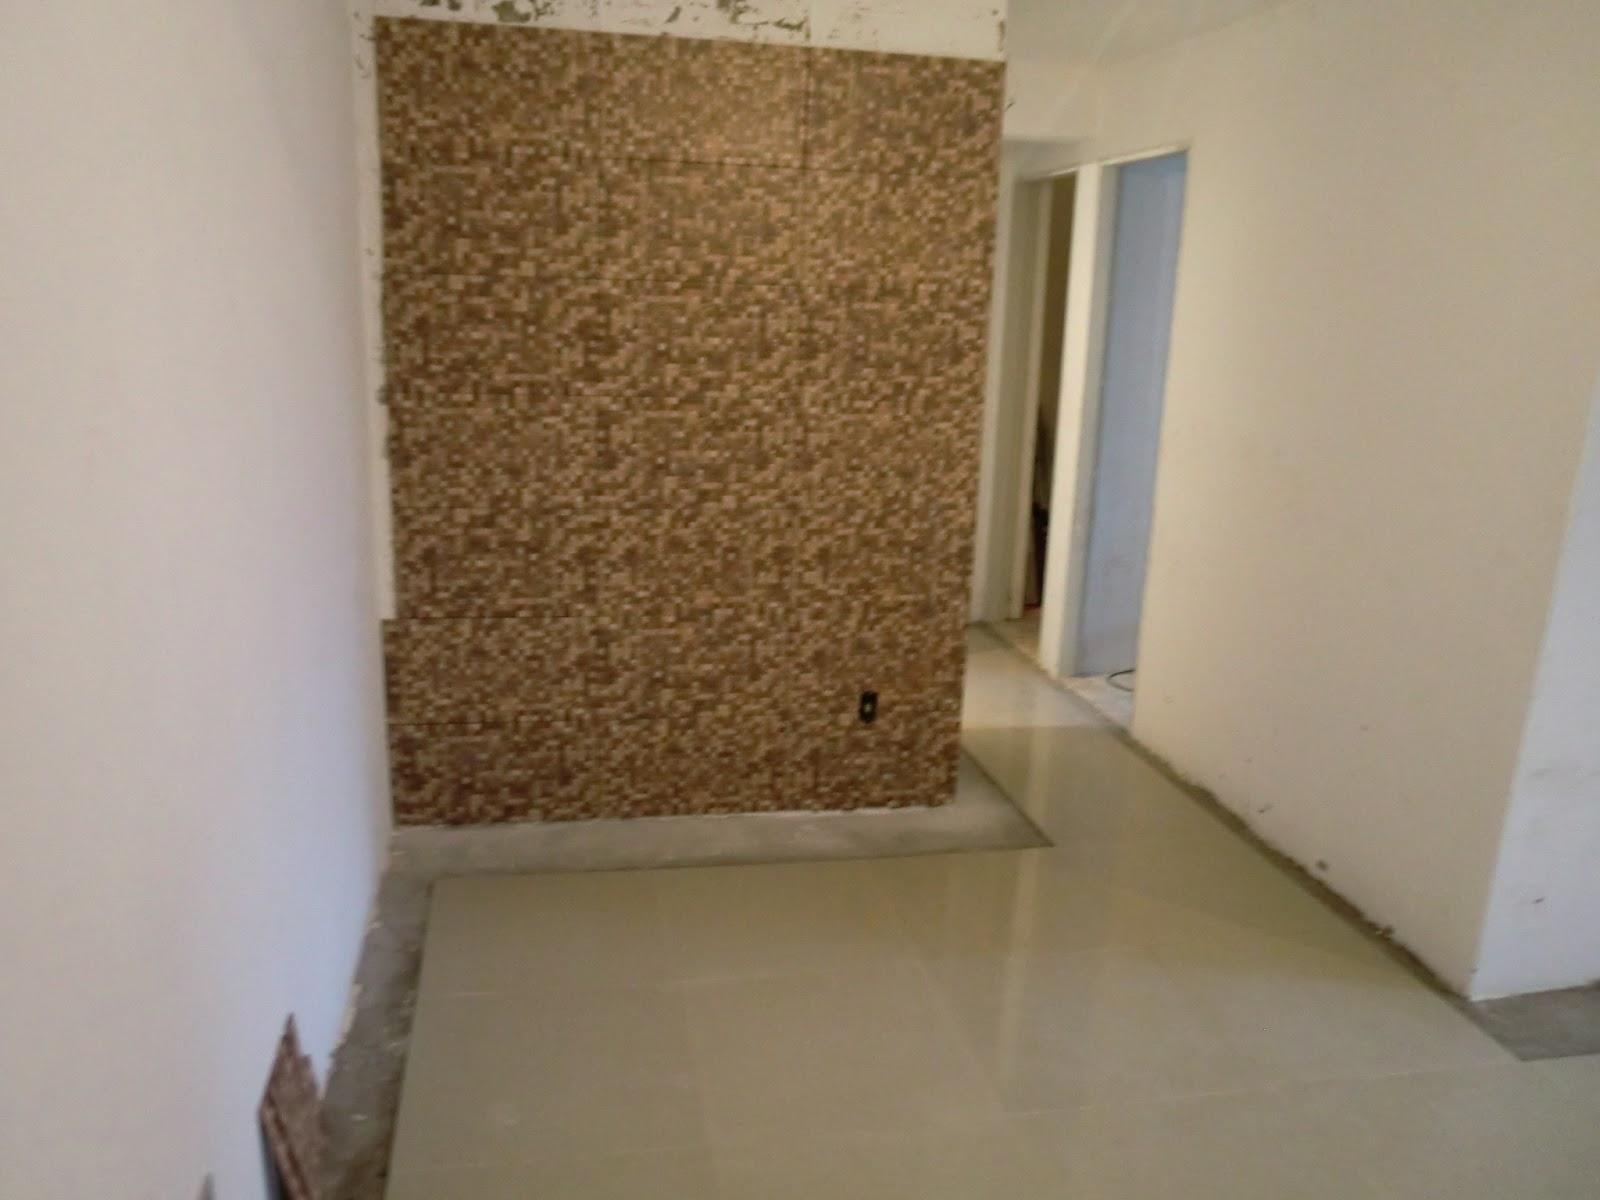 Reforma do apartamento porcelanato casa e reforma - Reforma piso pequeno ...